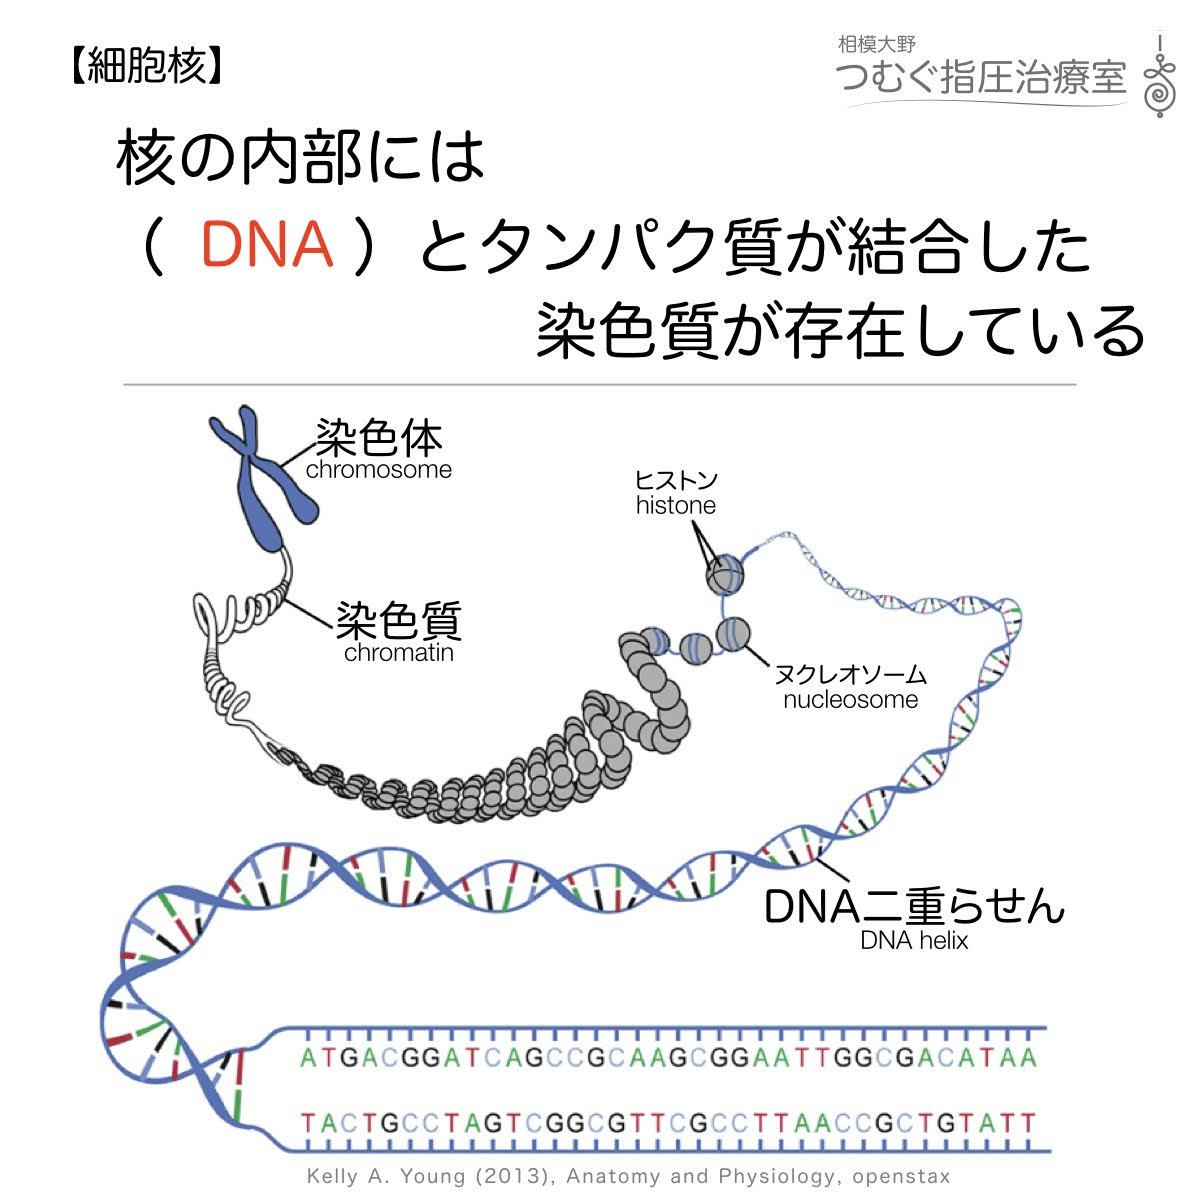 核の内部にはDNAとタンパク質が結合した染色質が存在している